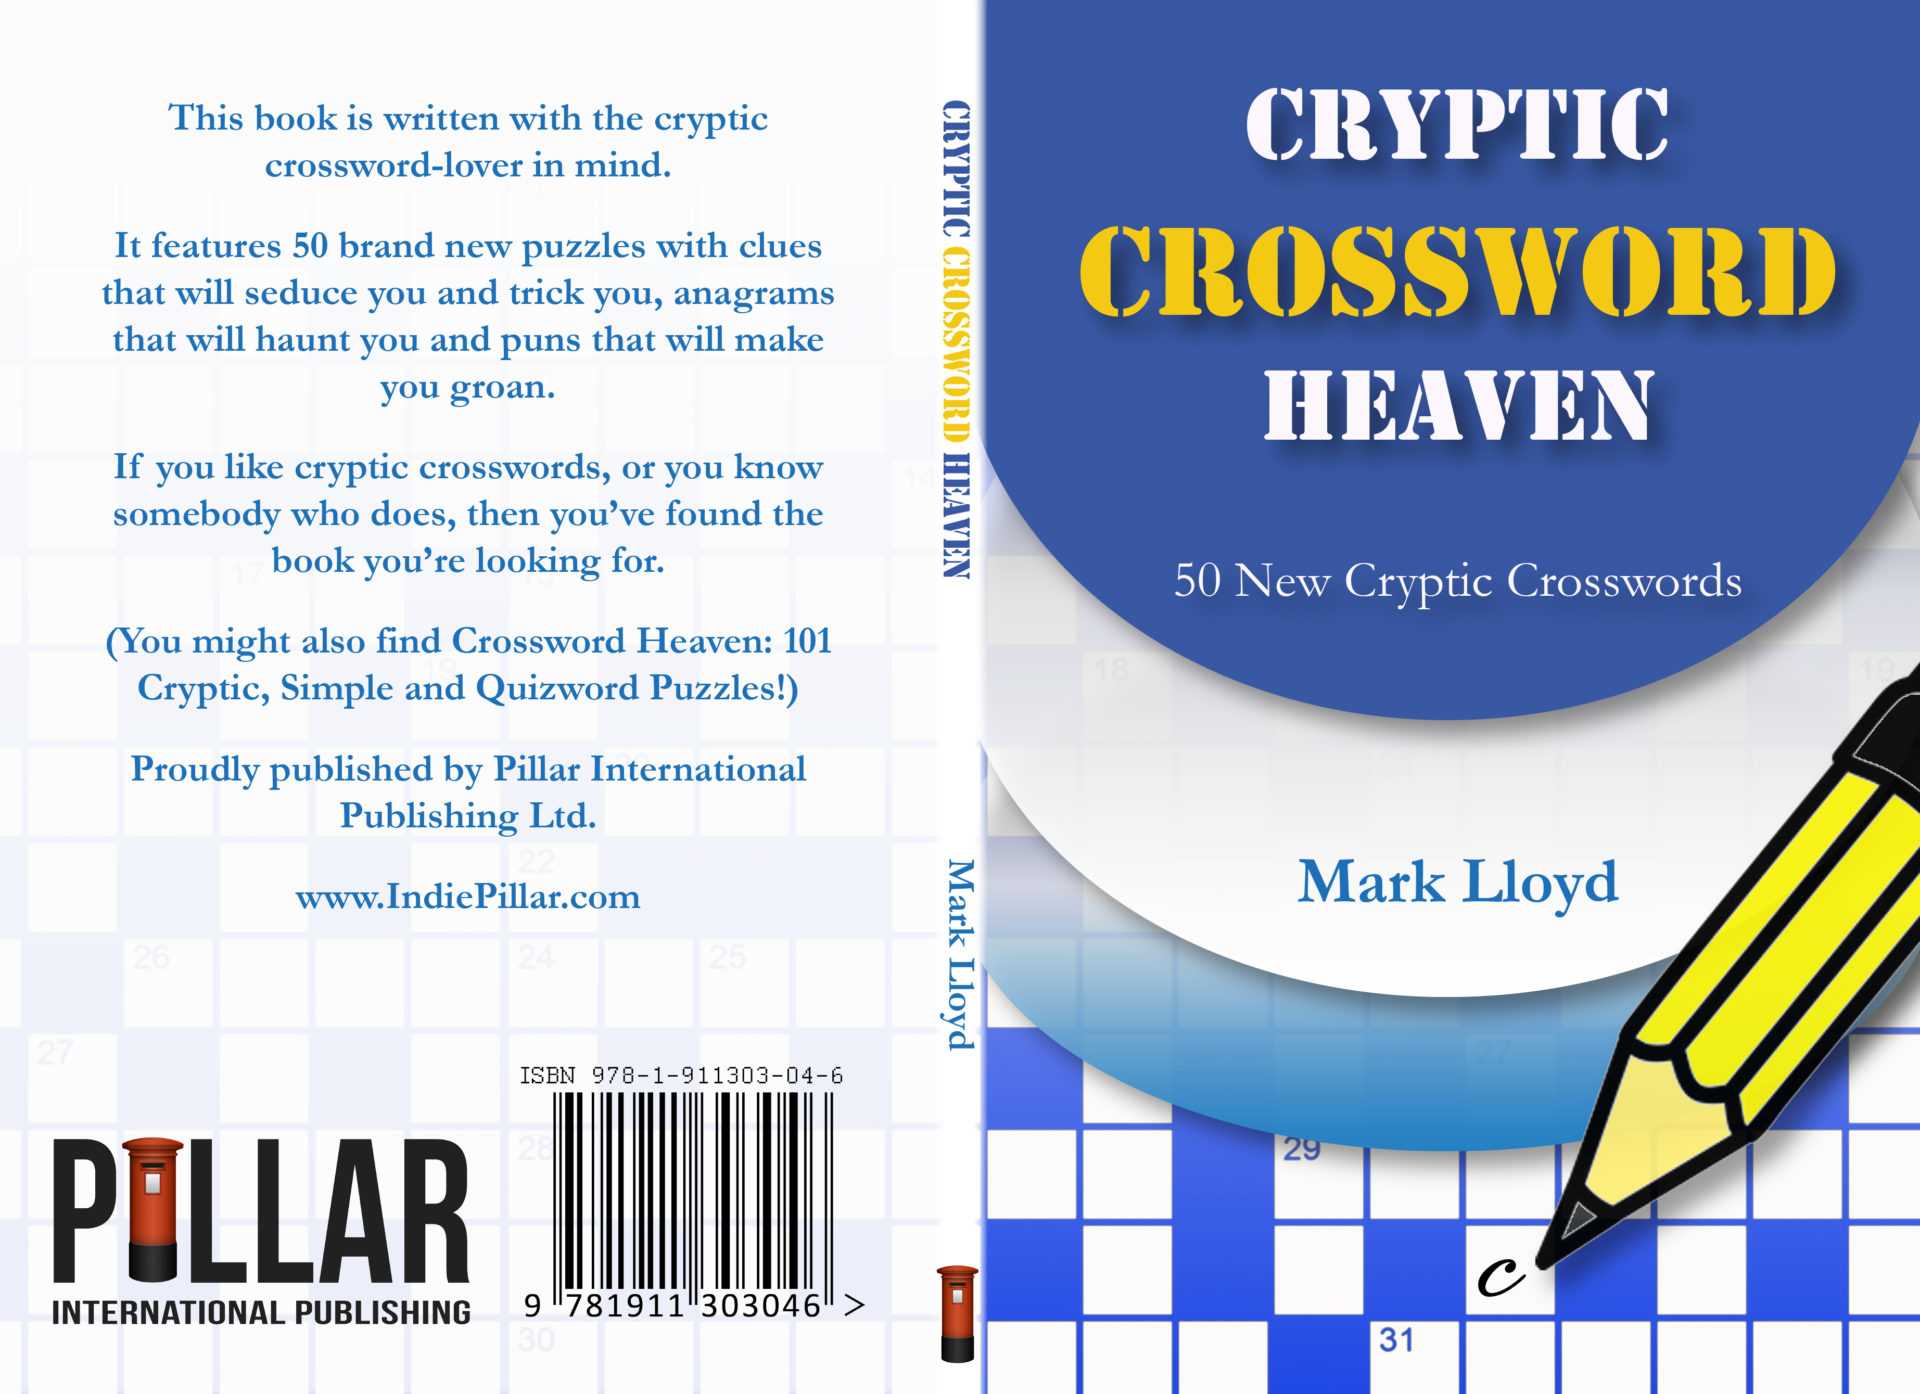 Cryptic Crossword Heaven